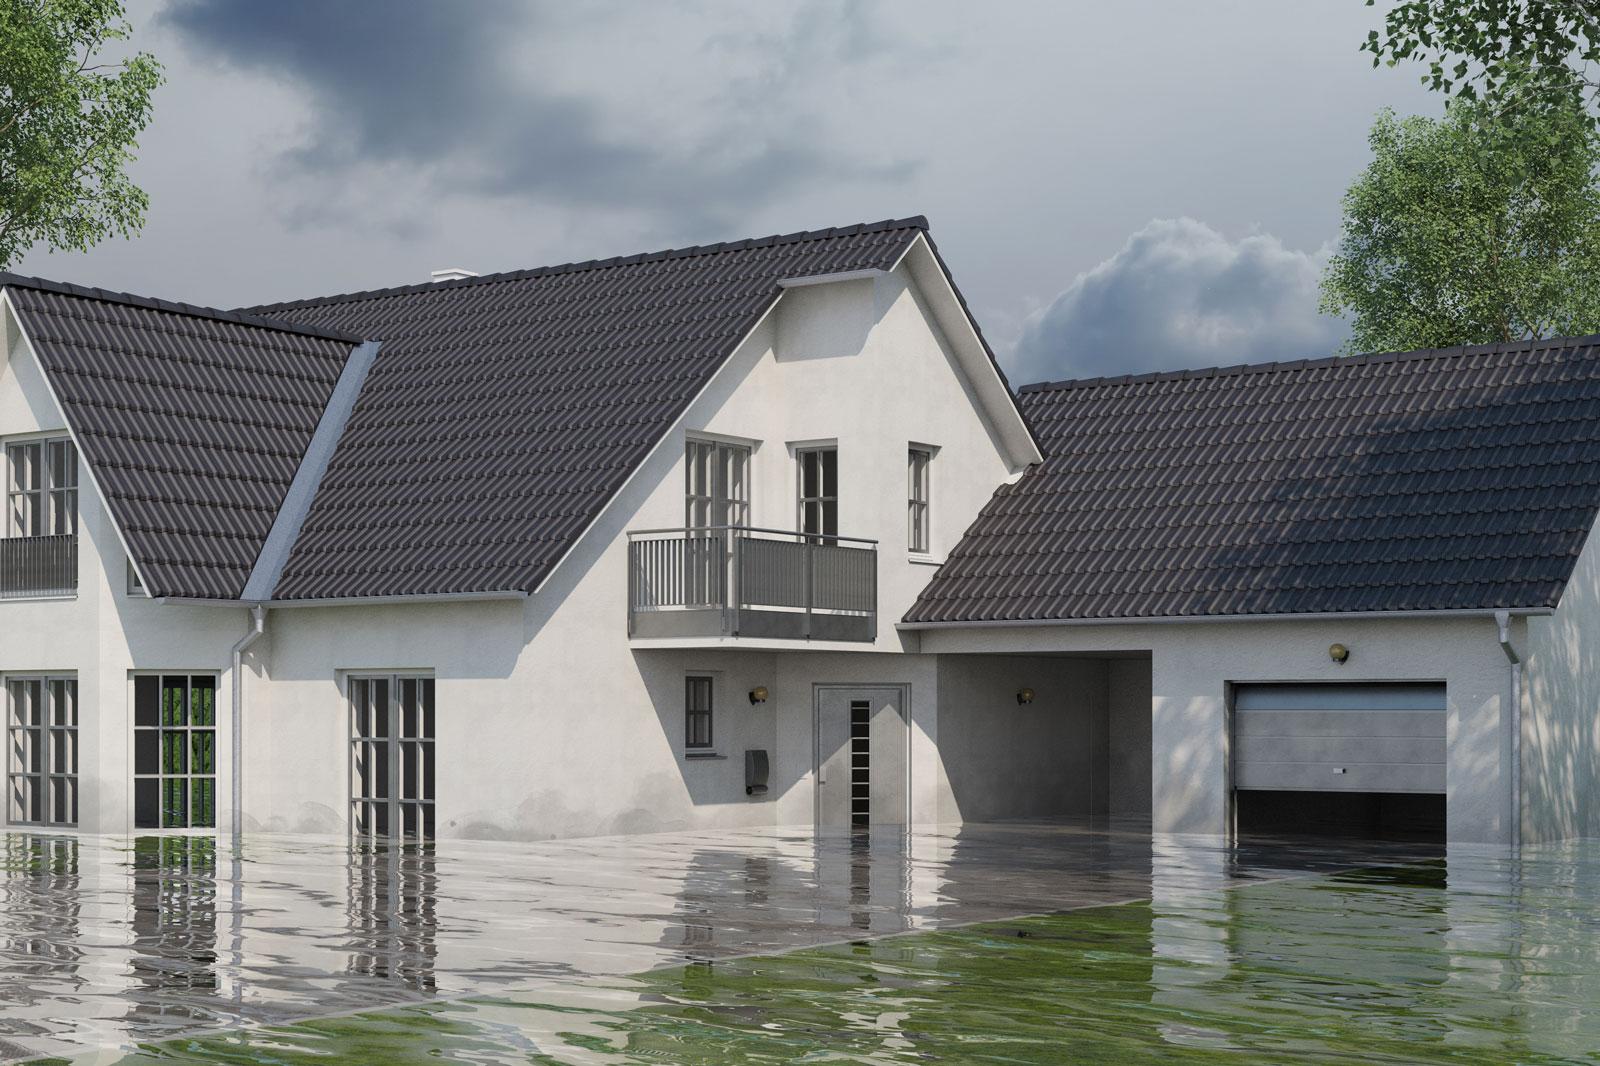 House flood